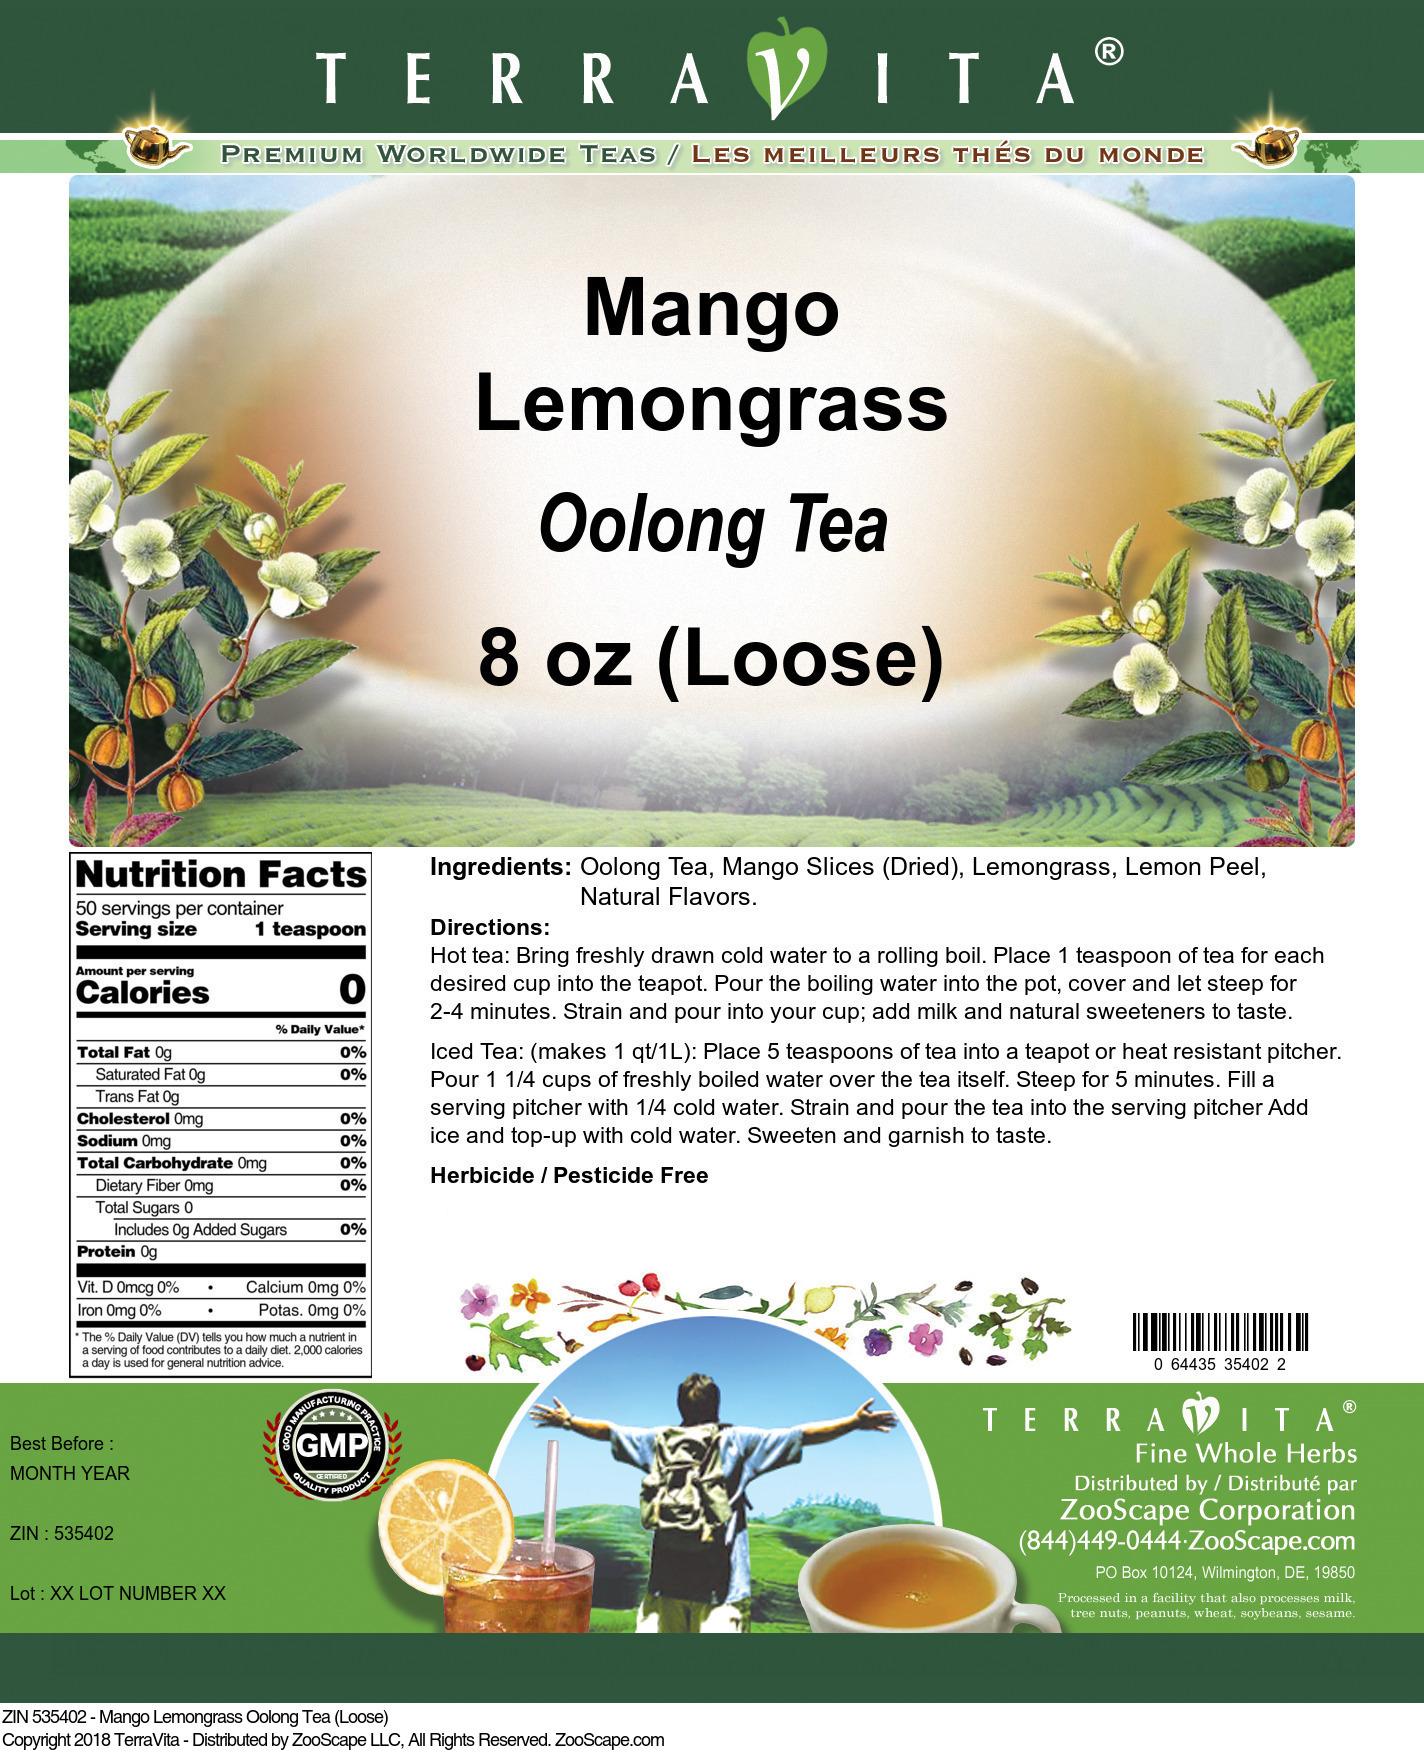 Mango Lemongrass Oolong Tea (Loose)